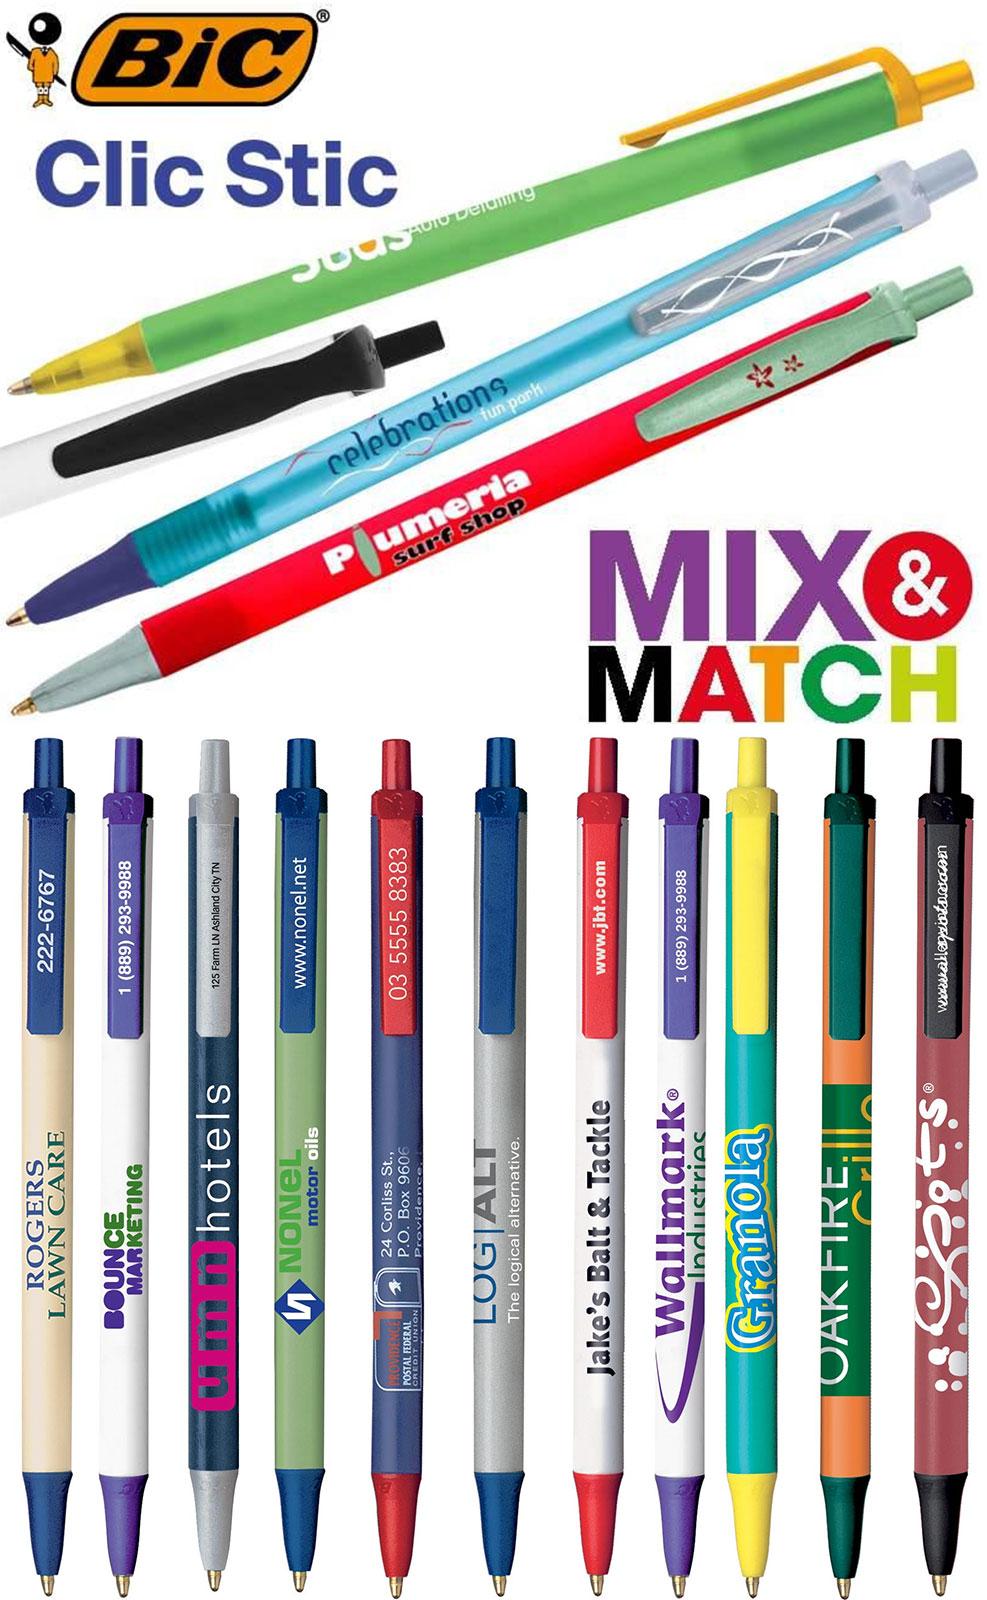 Εκτύπωση BIC στυλό - Διαφημιστικό στυλό εκτύπωση